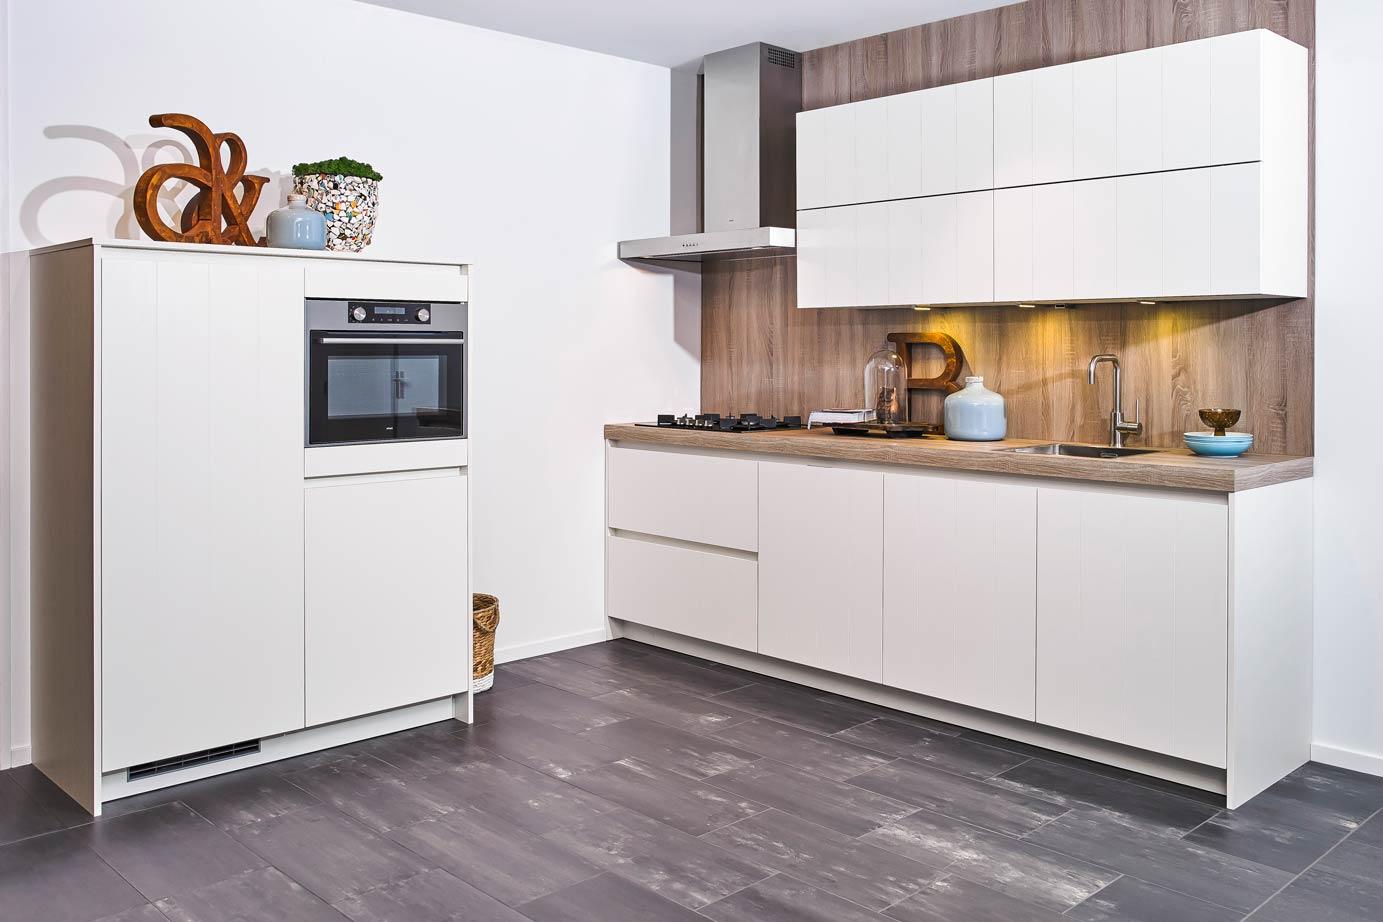 Greeploze Witte Keuken : Greeploze keuken alle info voor en nadelen prijzen db keukens